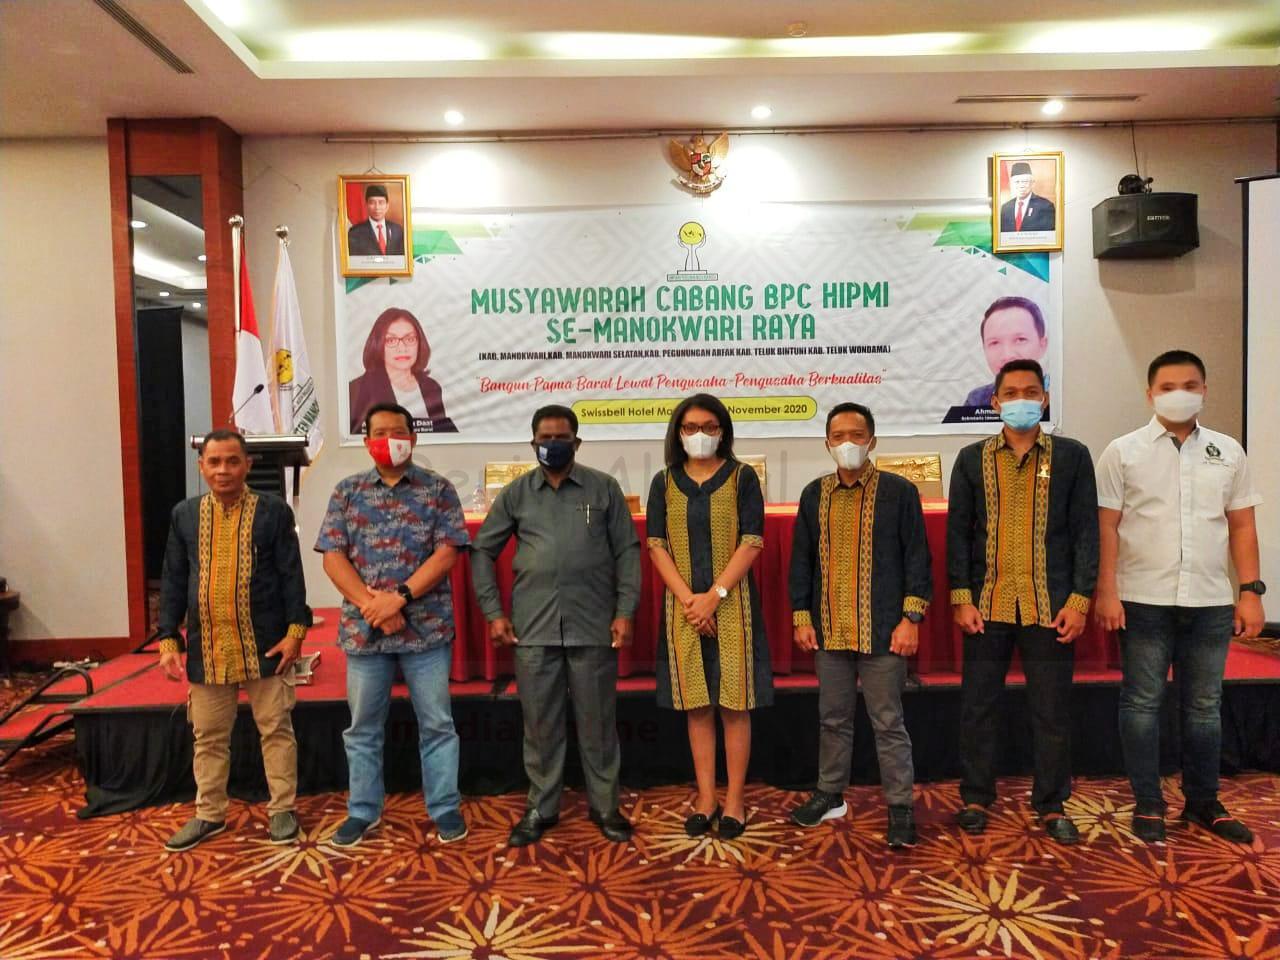 HIPMI Lahirkan Pengusaha Tularkan Kewirausahaan Untuk Generasi Muda di Papua Barat 24 IMG 20201107 WA0011